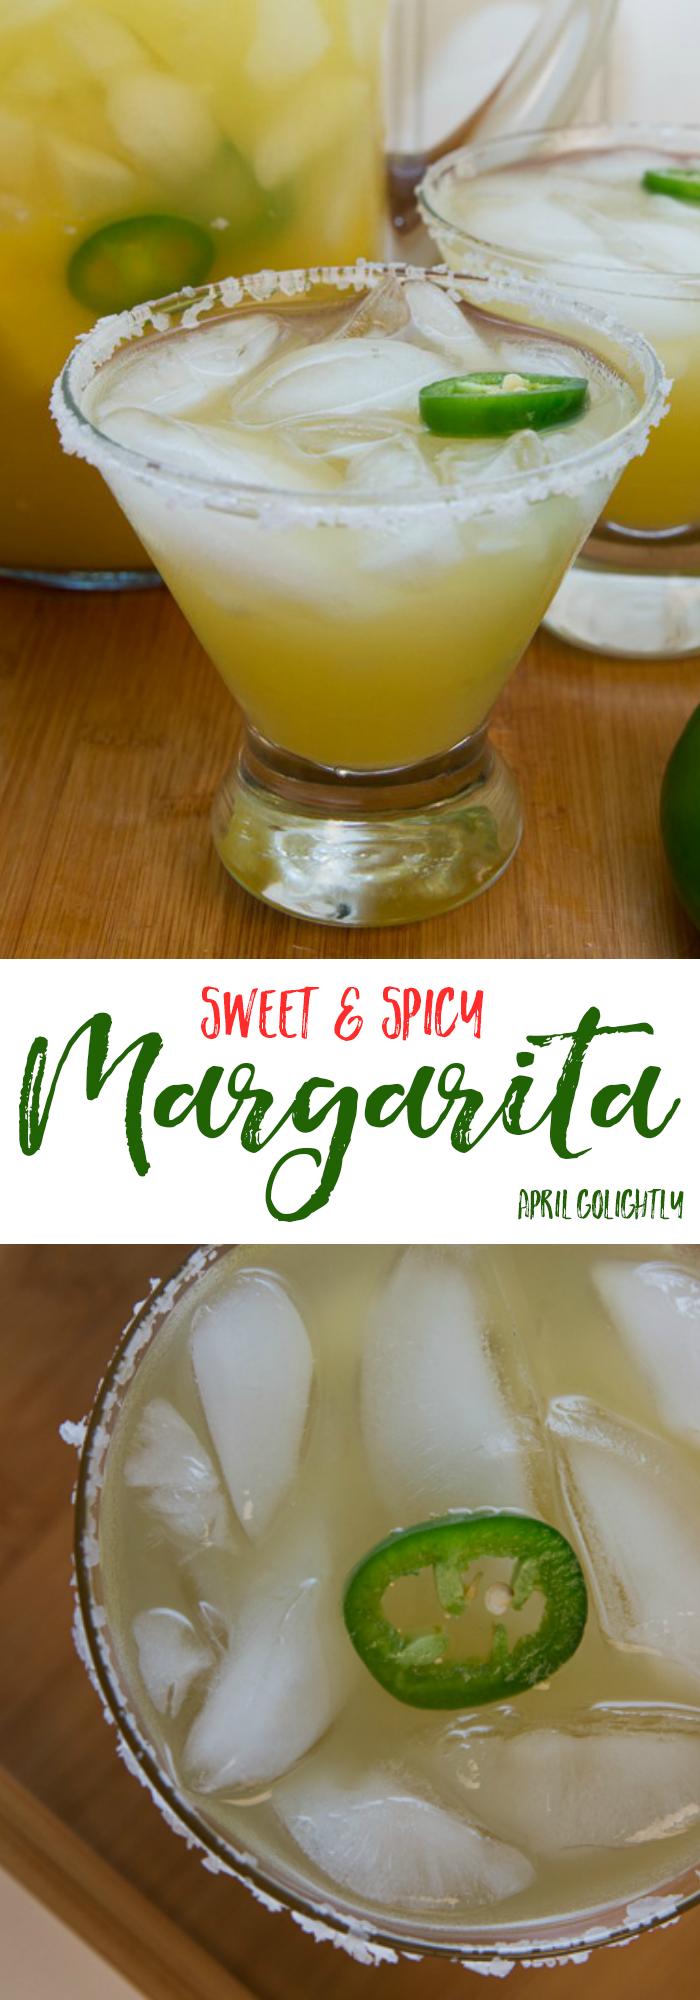 recipe: spicy skinny margarita recipe [11]